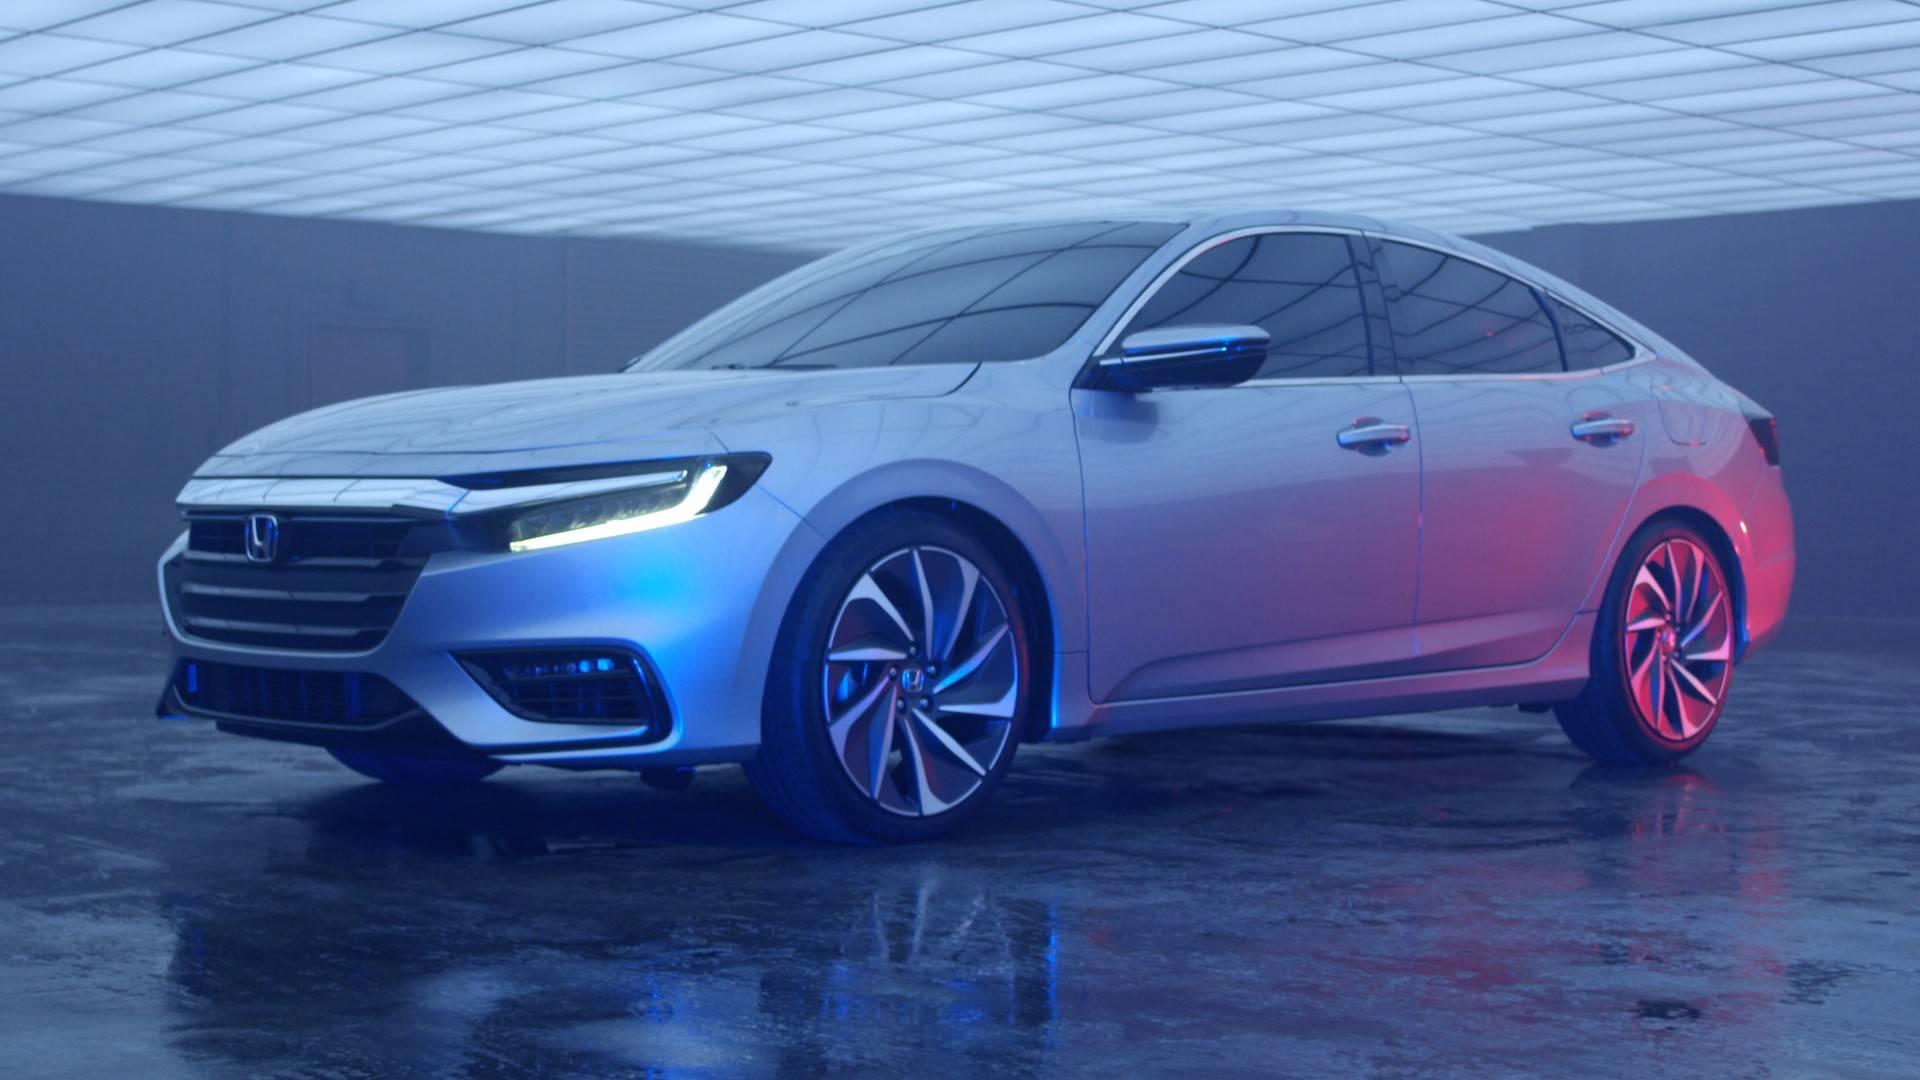 Honda Insight 2018: Diseño elegante y nueva mecánica híbrida para ser mucho más que un rival del Prius